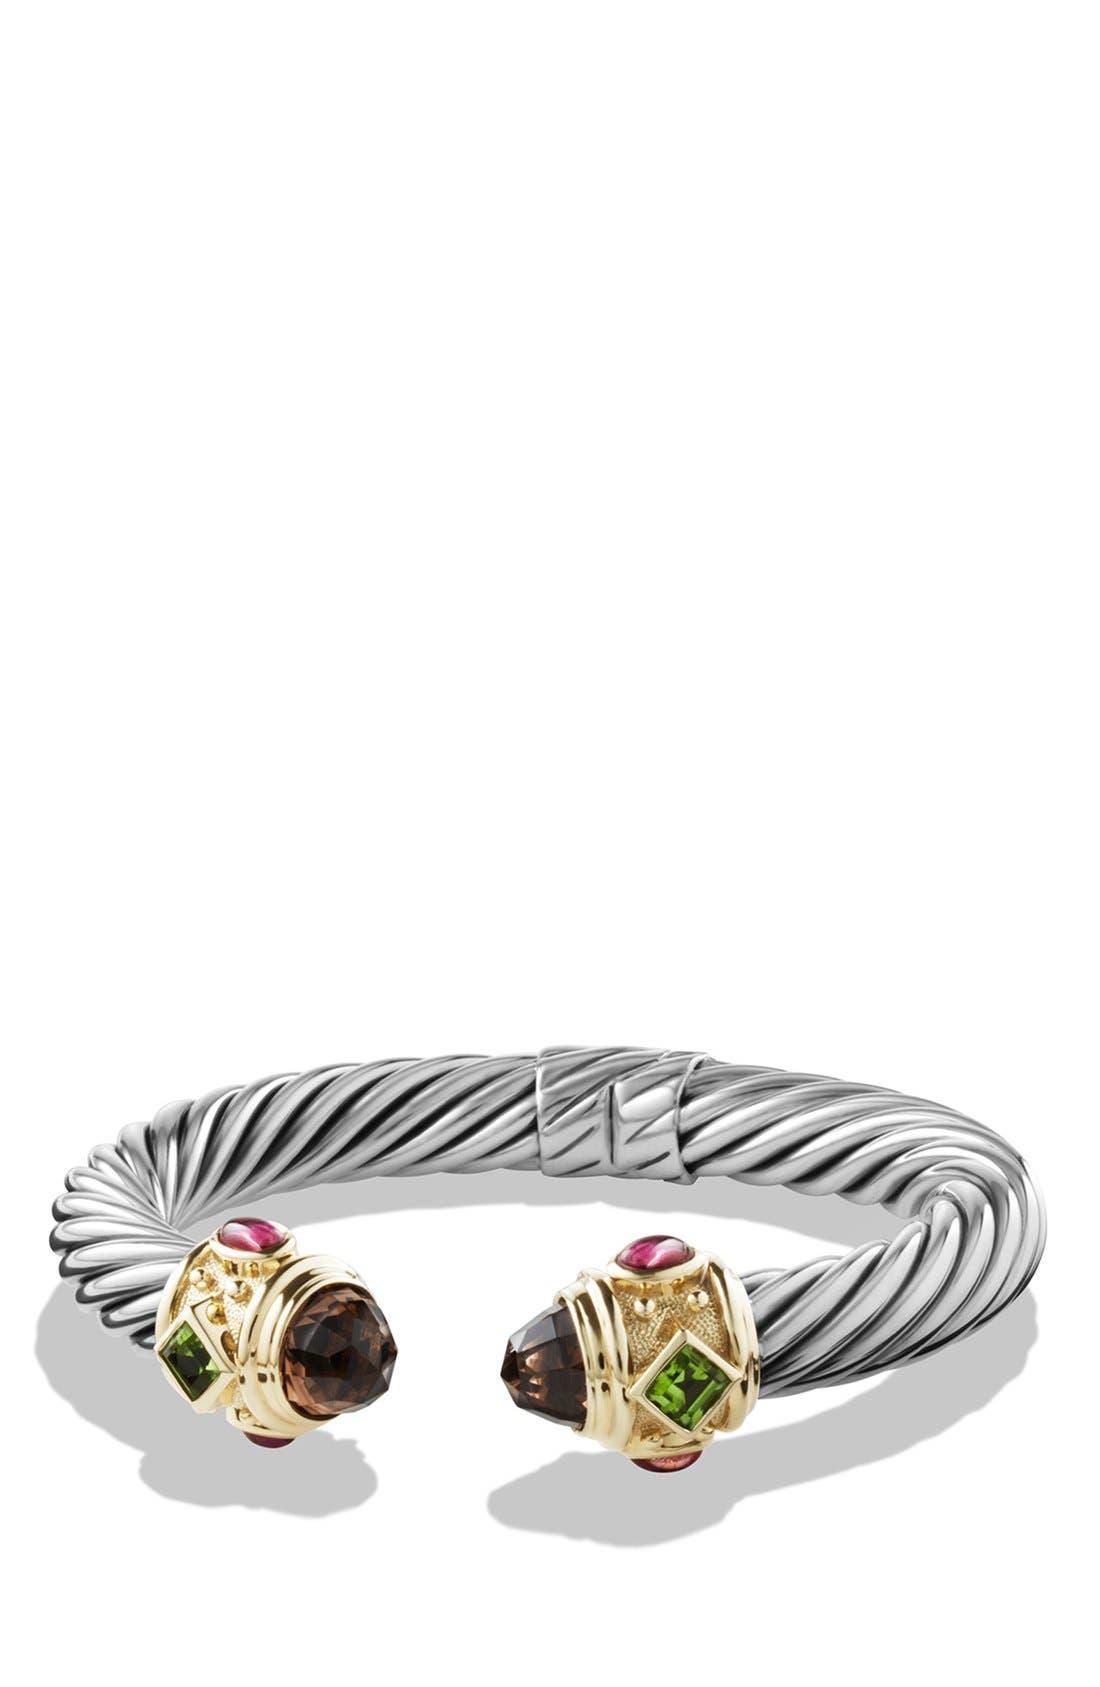 'Renaissance' Bracelet with Semiprecious Stones & Gold,                         Main,                         color, Smokey Quartz